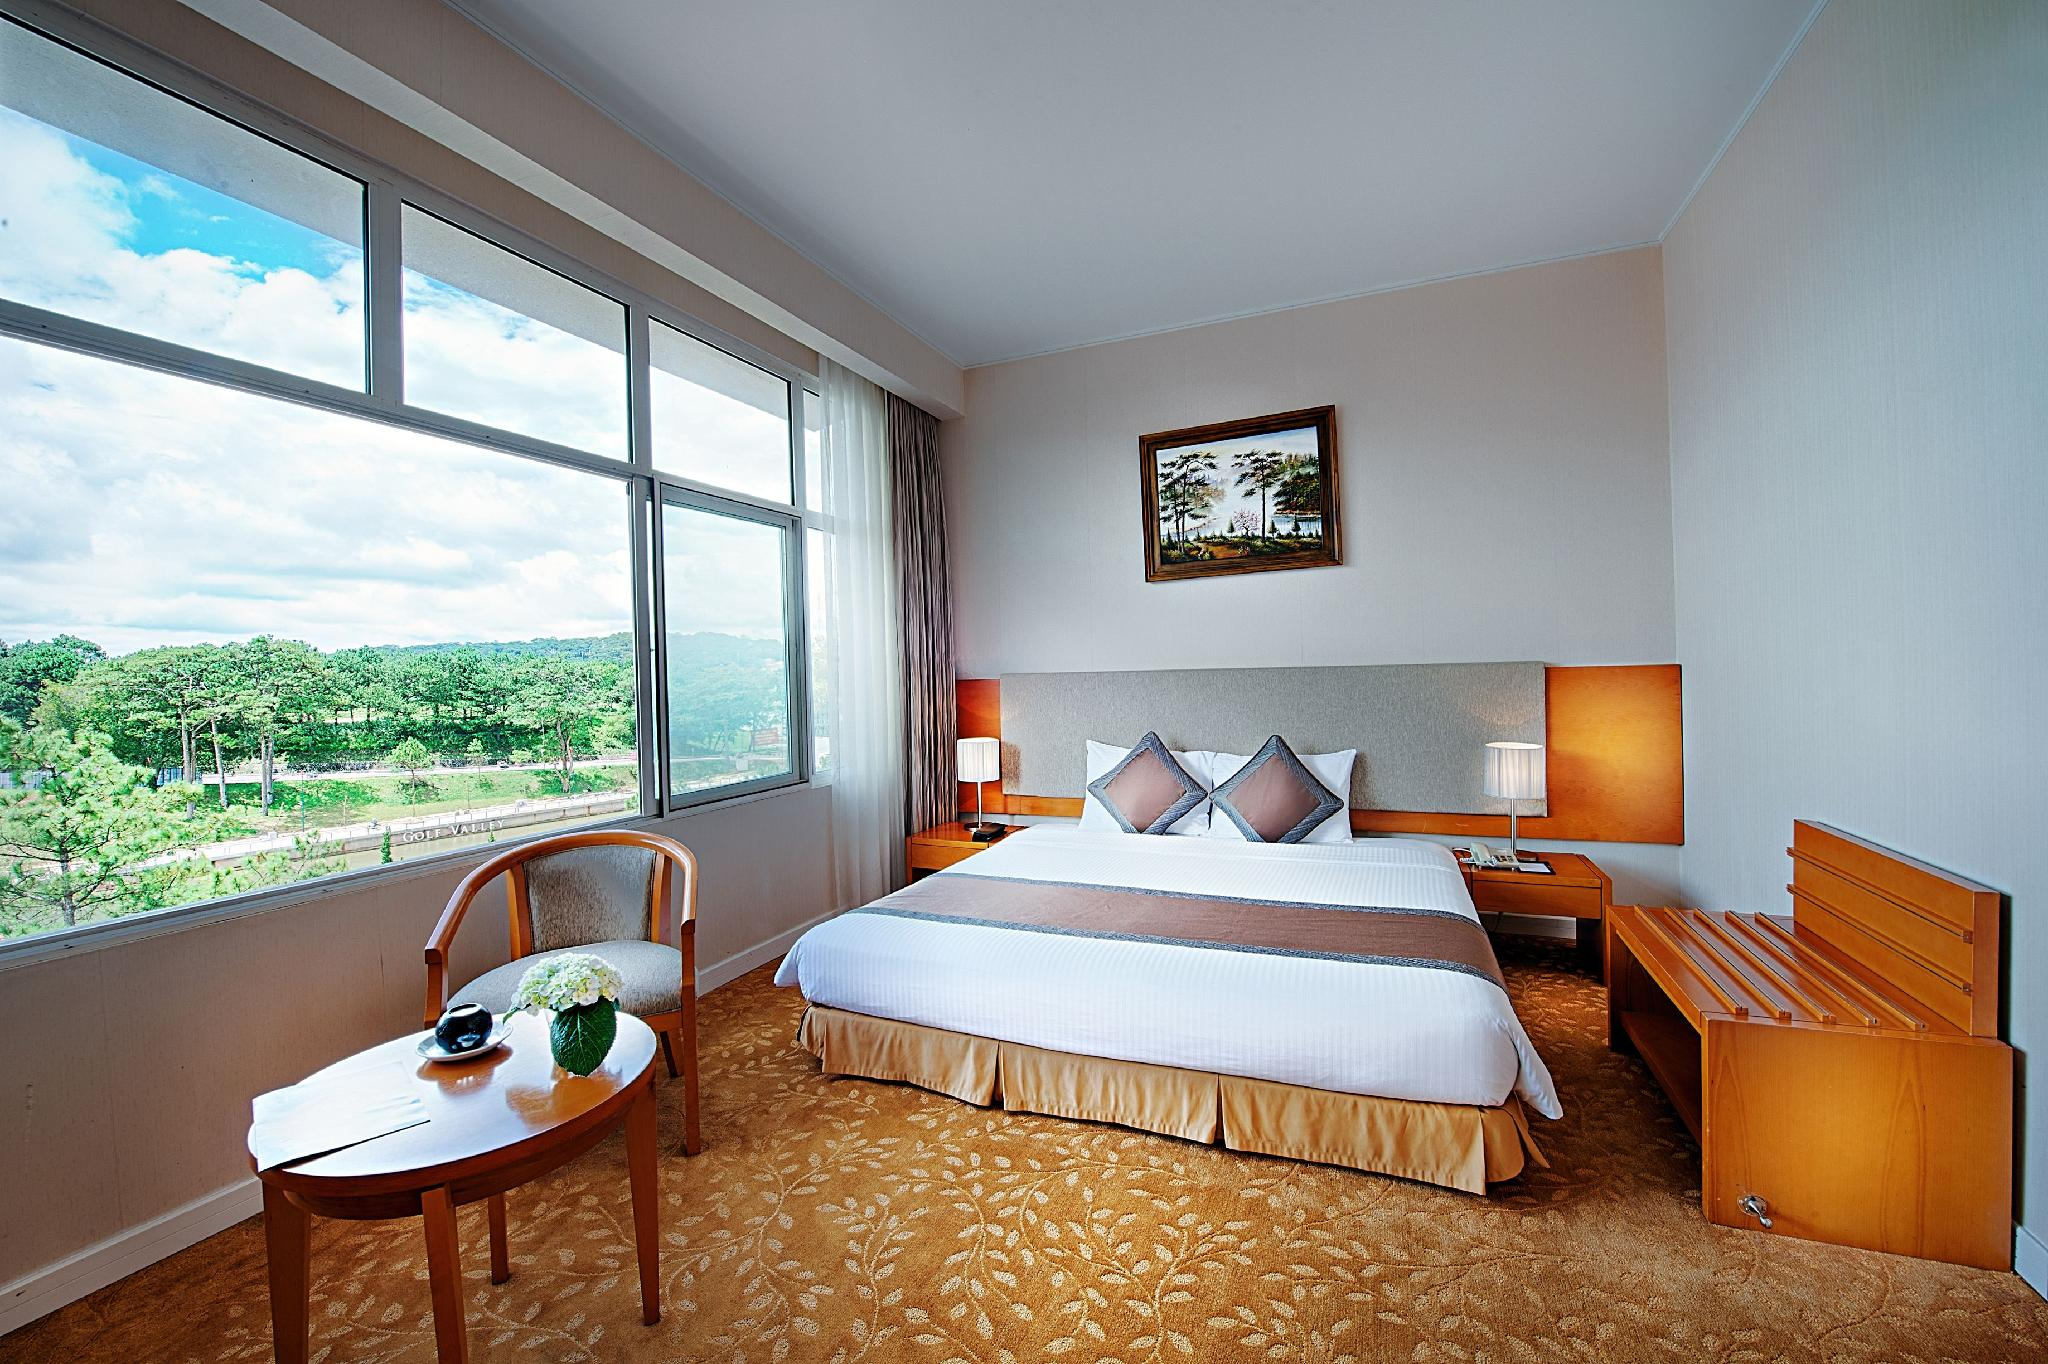 Khách Sạn Mường Thanh Đà Lạt | Đà Lạt ƯU ĐÃI CẬP NHẬT NĂM 2020 854311 ₫, Ảnh HD & Nhận Xét